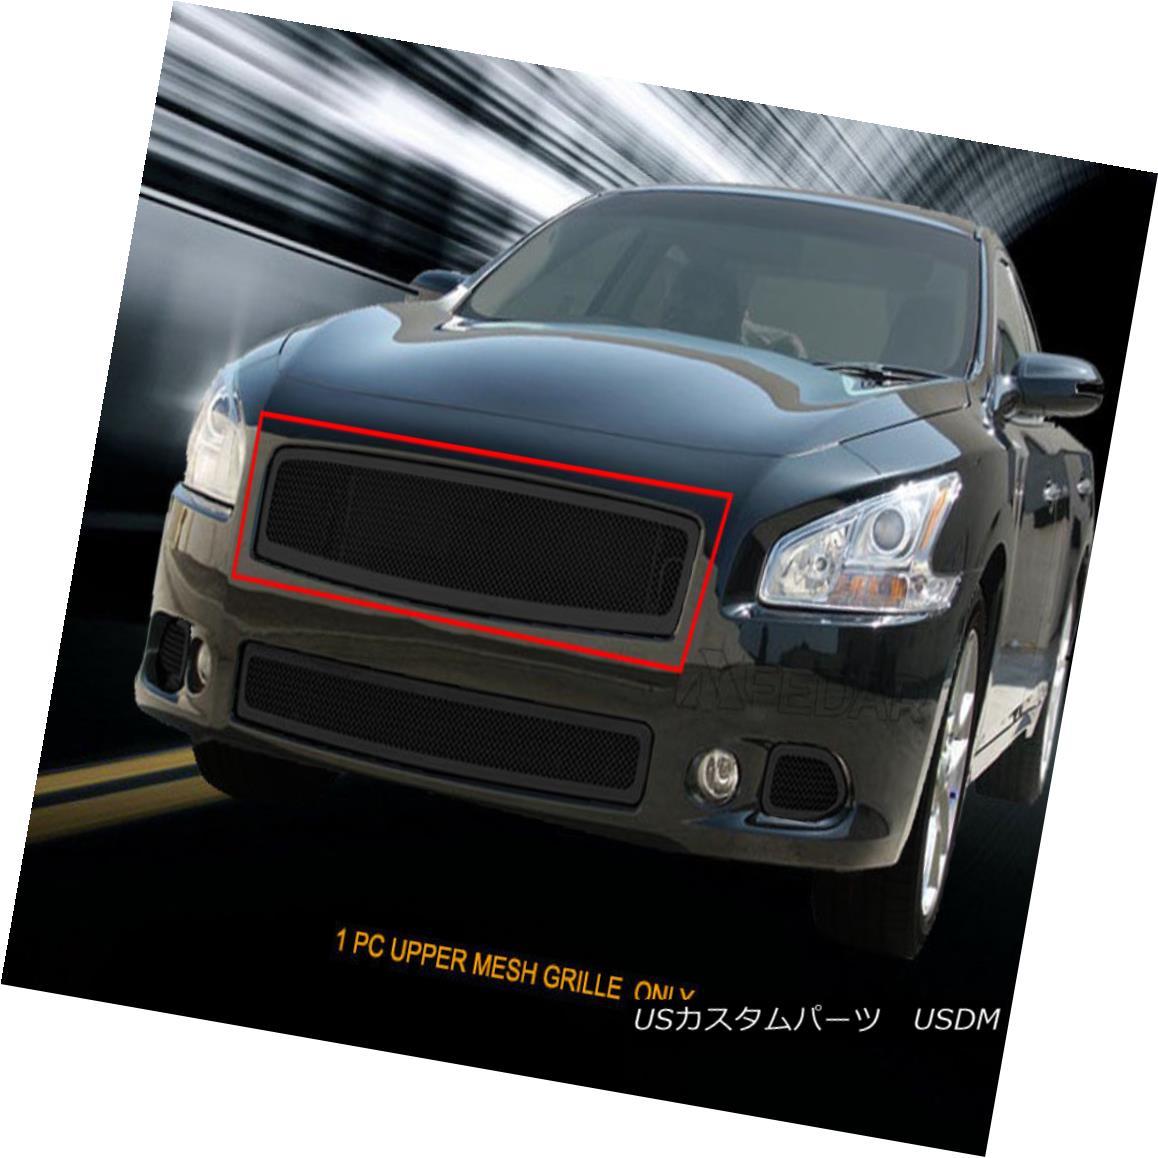 グリル Fits 09-14 Nissan Maxima Stainless Steel Black Mesh Grille Upper Insert Fedar フィット09月14日日産マキシマステンレススチールブラックメッシュグリルアッパーインサートFedar